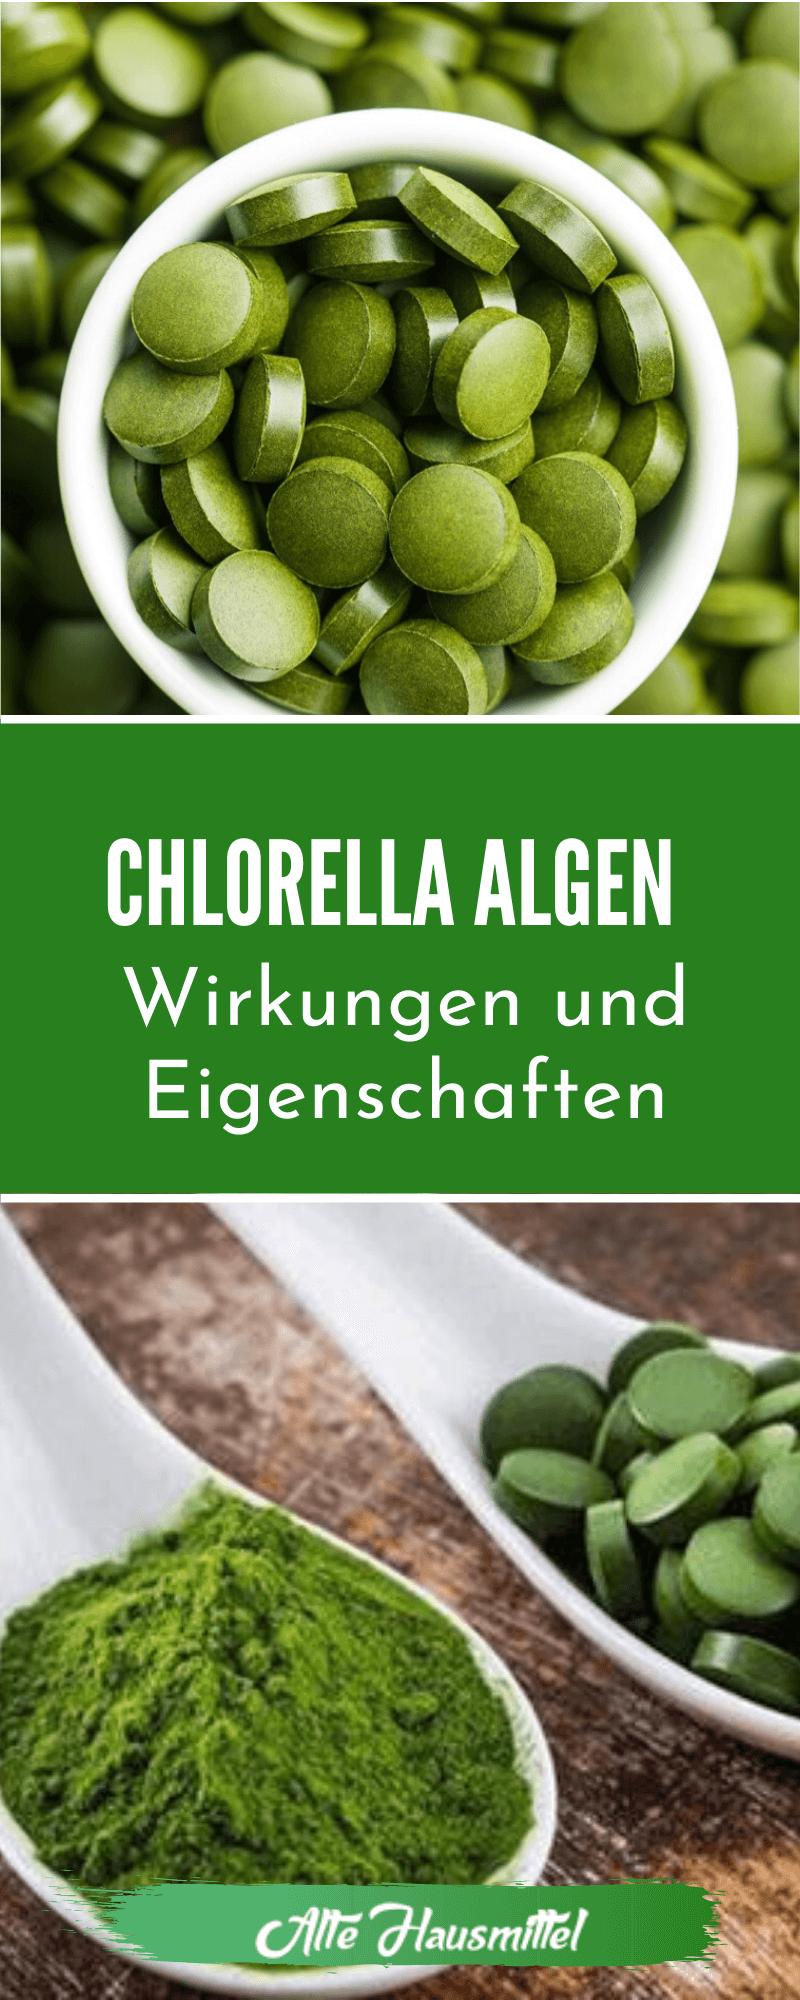 Chlorella Algen - Wirkungen und Eigenschaften